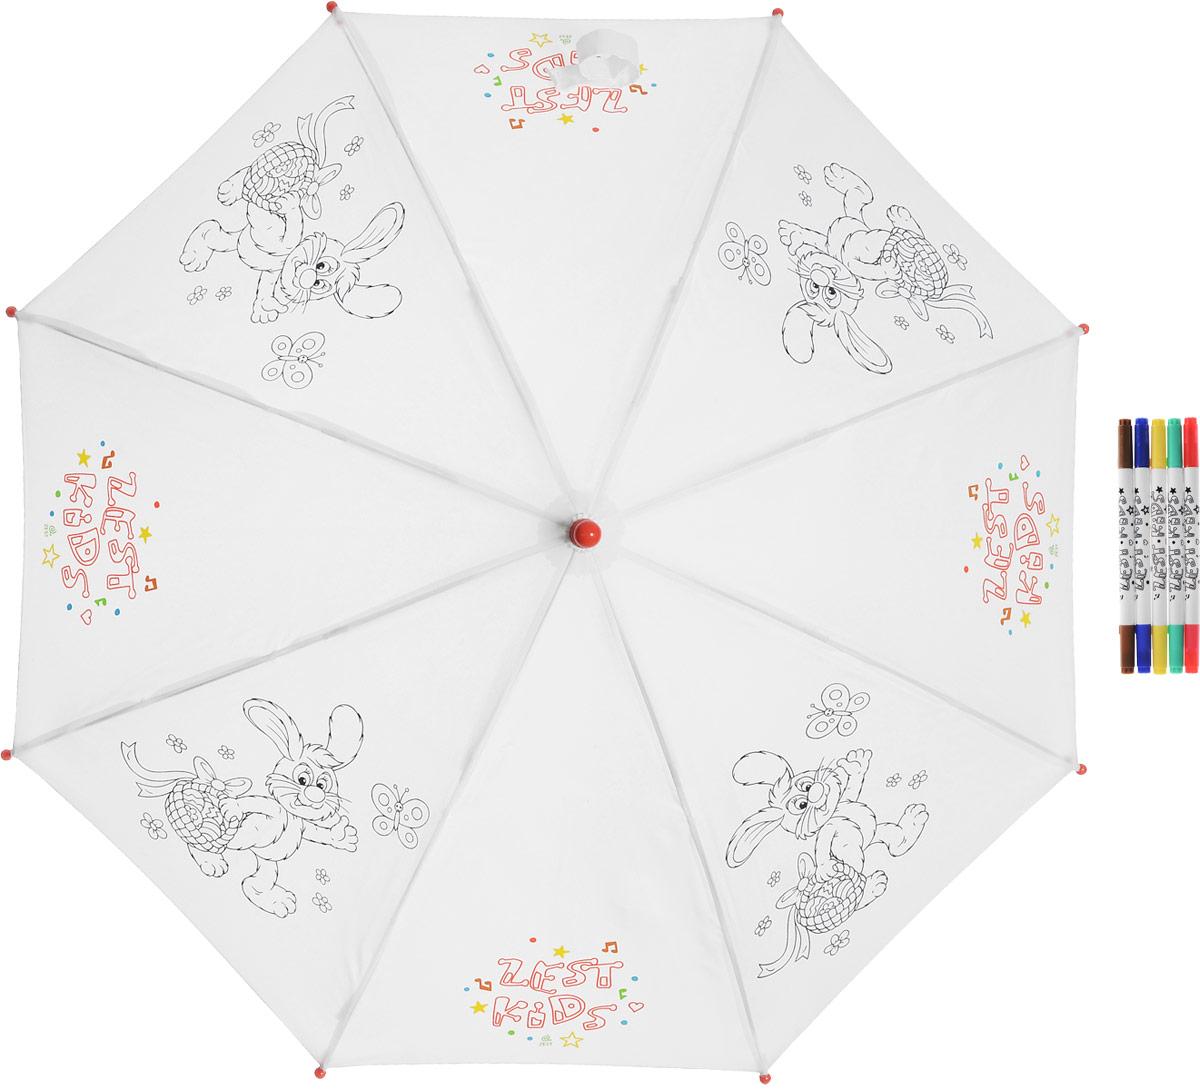 Зонт-трость детский Zest механический, цвет: белый. 21581-2533.7-12 navyДетский зонт-трость для раскрашивания Zest выполнен из металла и пластика, оформлен силуэтами картинок. Картинки малыш сможет раскрасить самостоятельно фломастерами, входящими в комплект.Каркас зонта выполнен из восьми спиц, стержень из стали. На концах спиц предусмотрены пластиковые элементы, которые защитят малыша от травм. Купол зонта изготовлен прочного полиэстера. Закрытый купол застегивается на липучку хлястиком. Практичная глянцевая рукоятка закругленной формы разработана с учетом требований эргономики и выполнена из пластика.